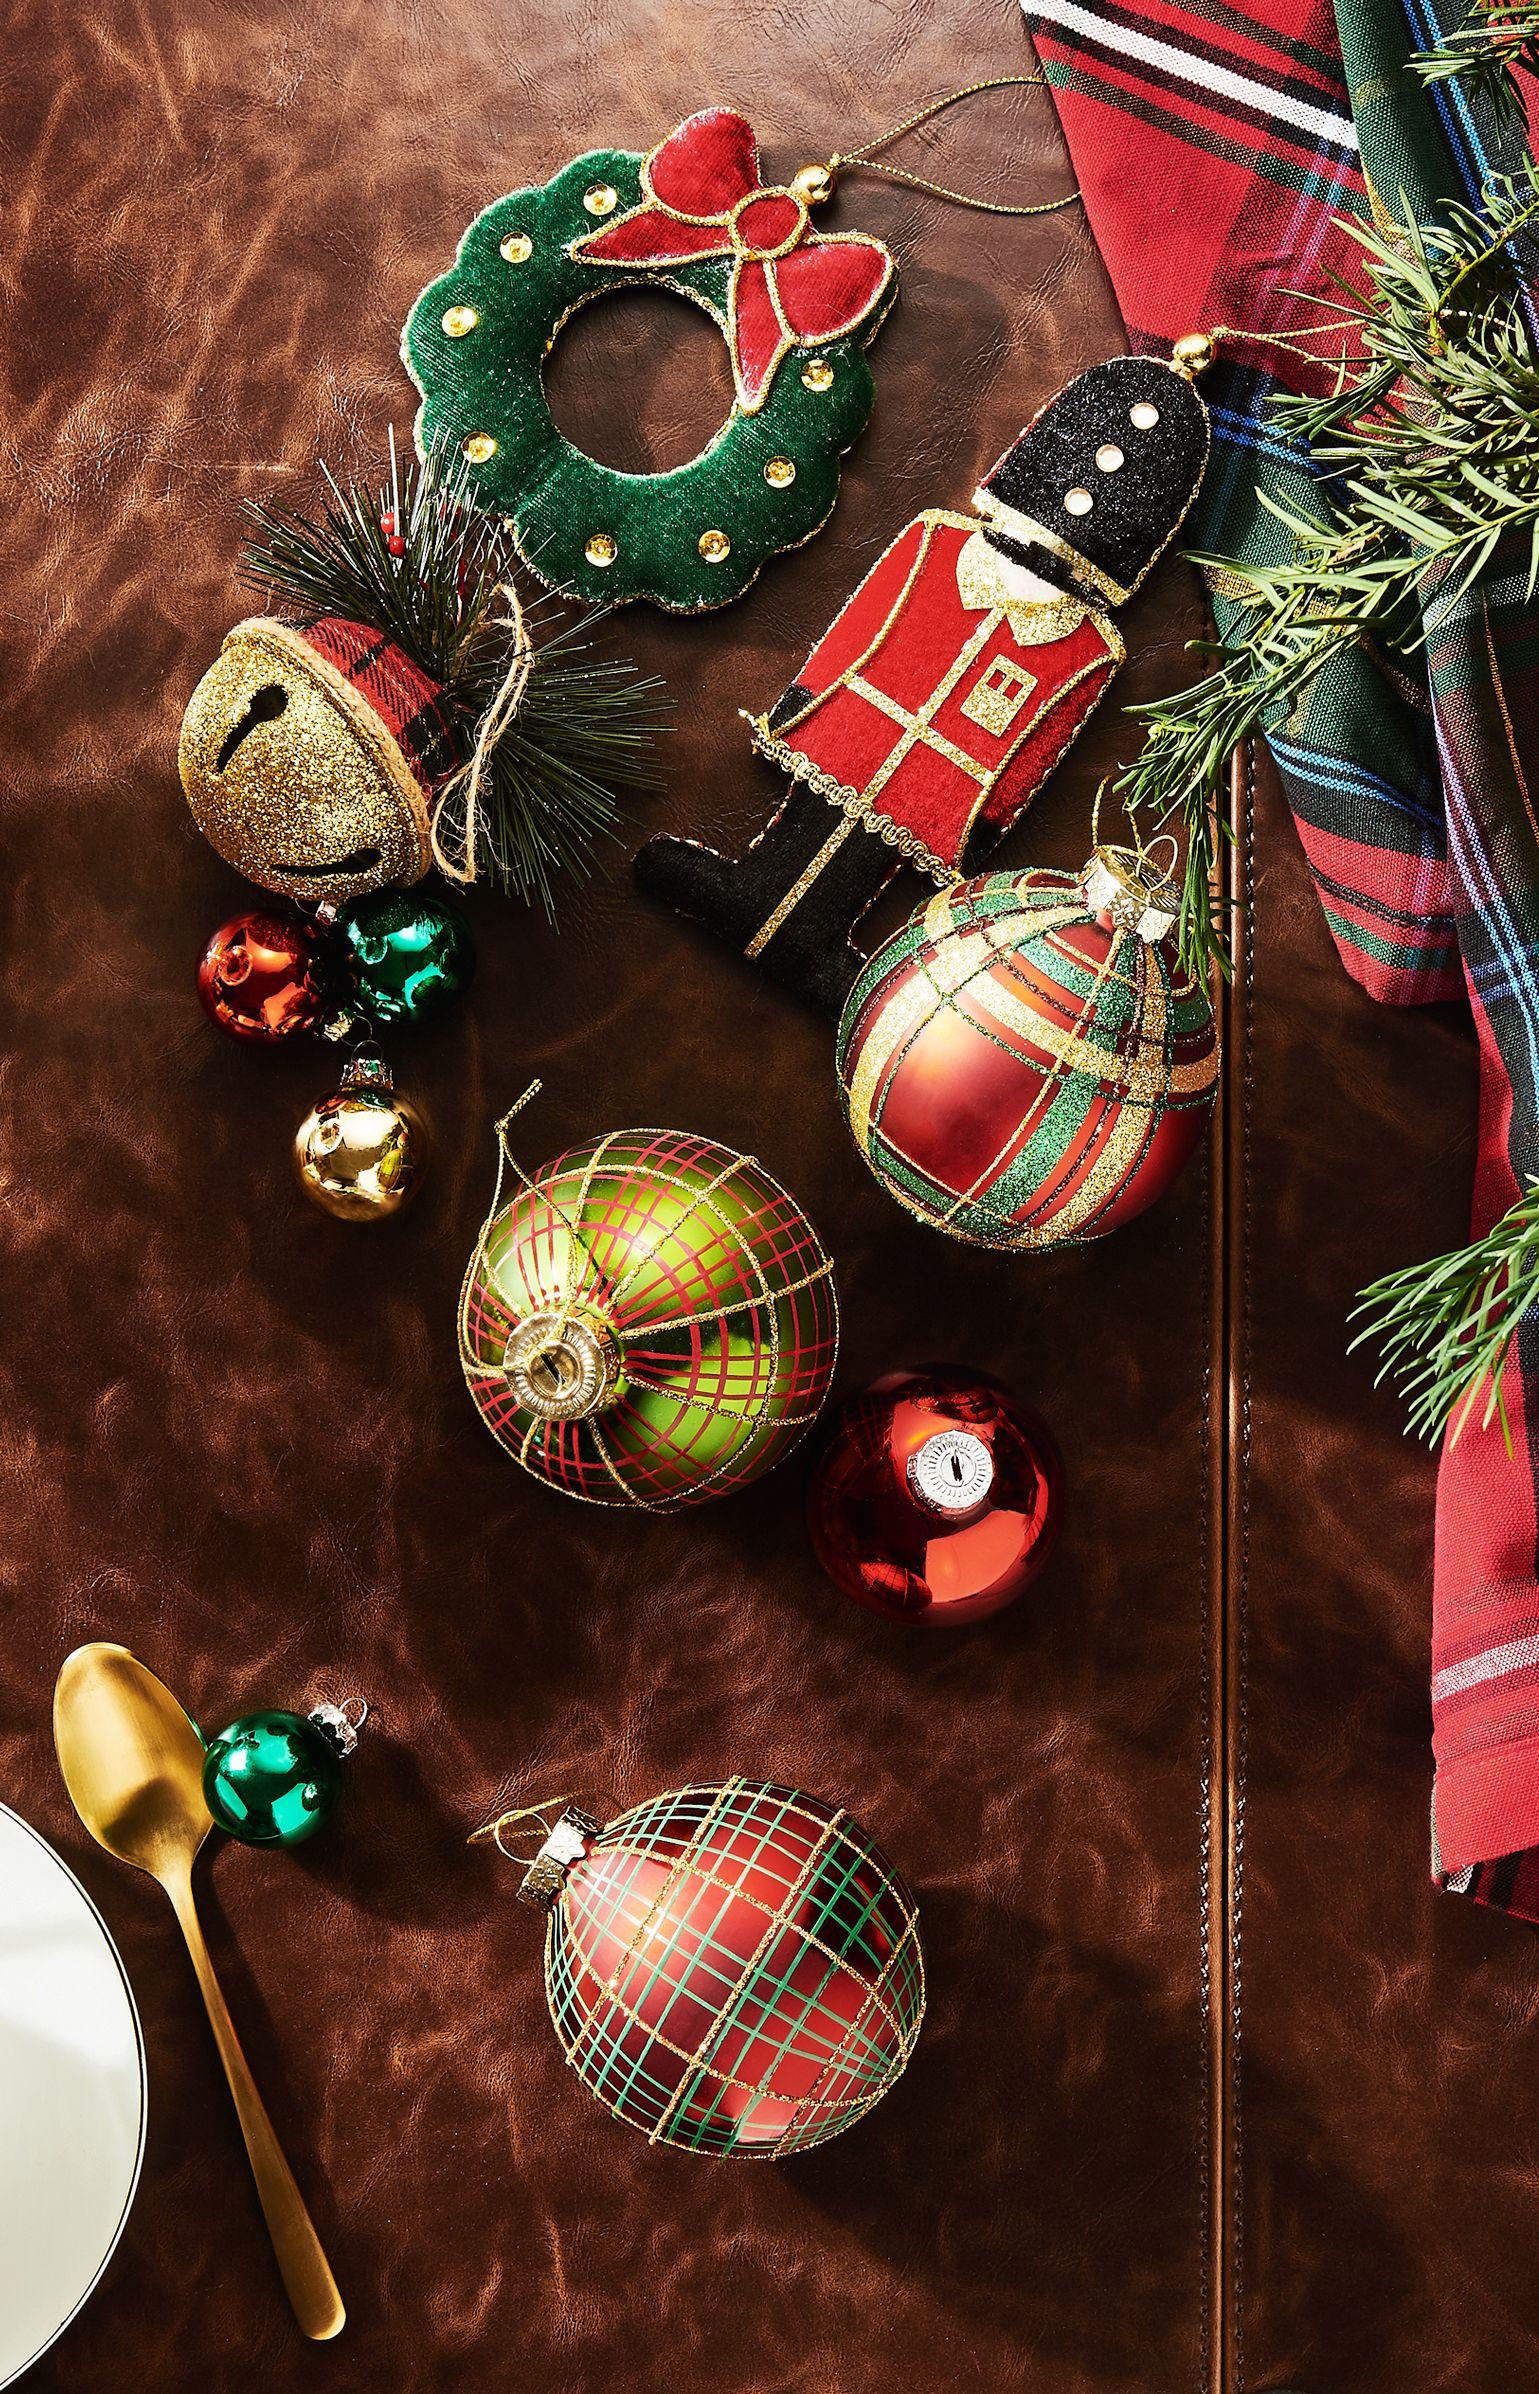 Butlers Christbaumkugeln.Weihnachtskugeln Im Uk Style Von Butlers Christbaumschmuck Kariert